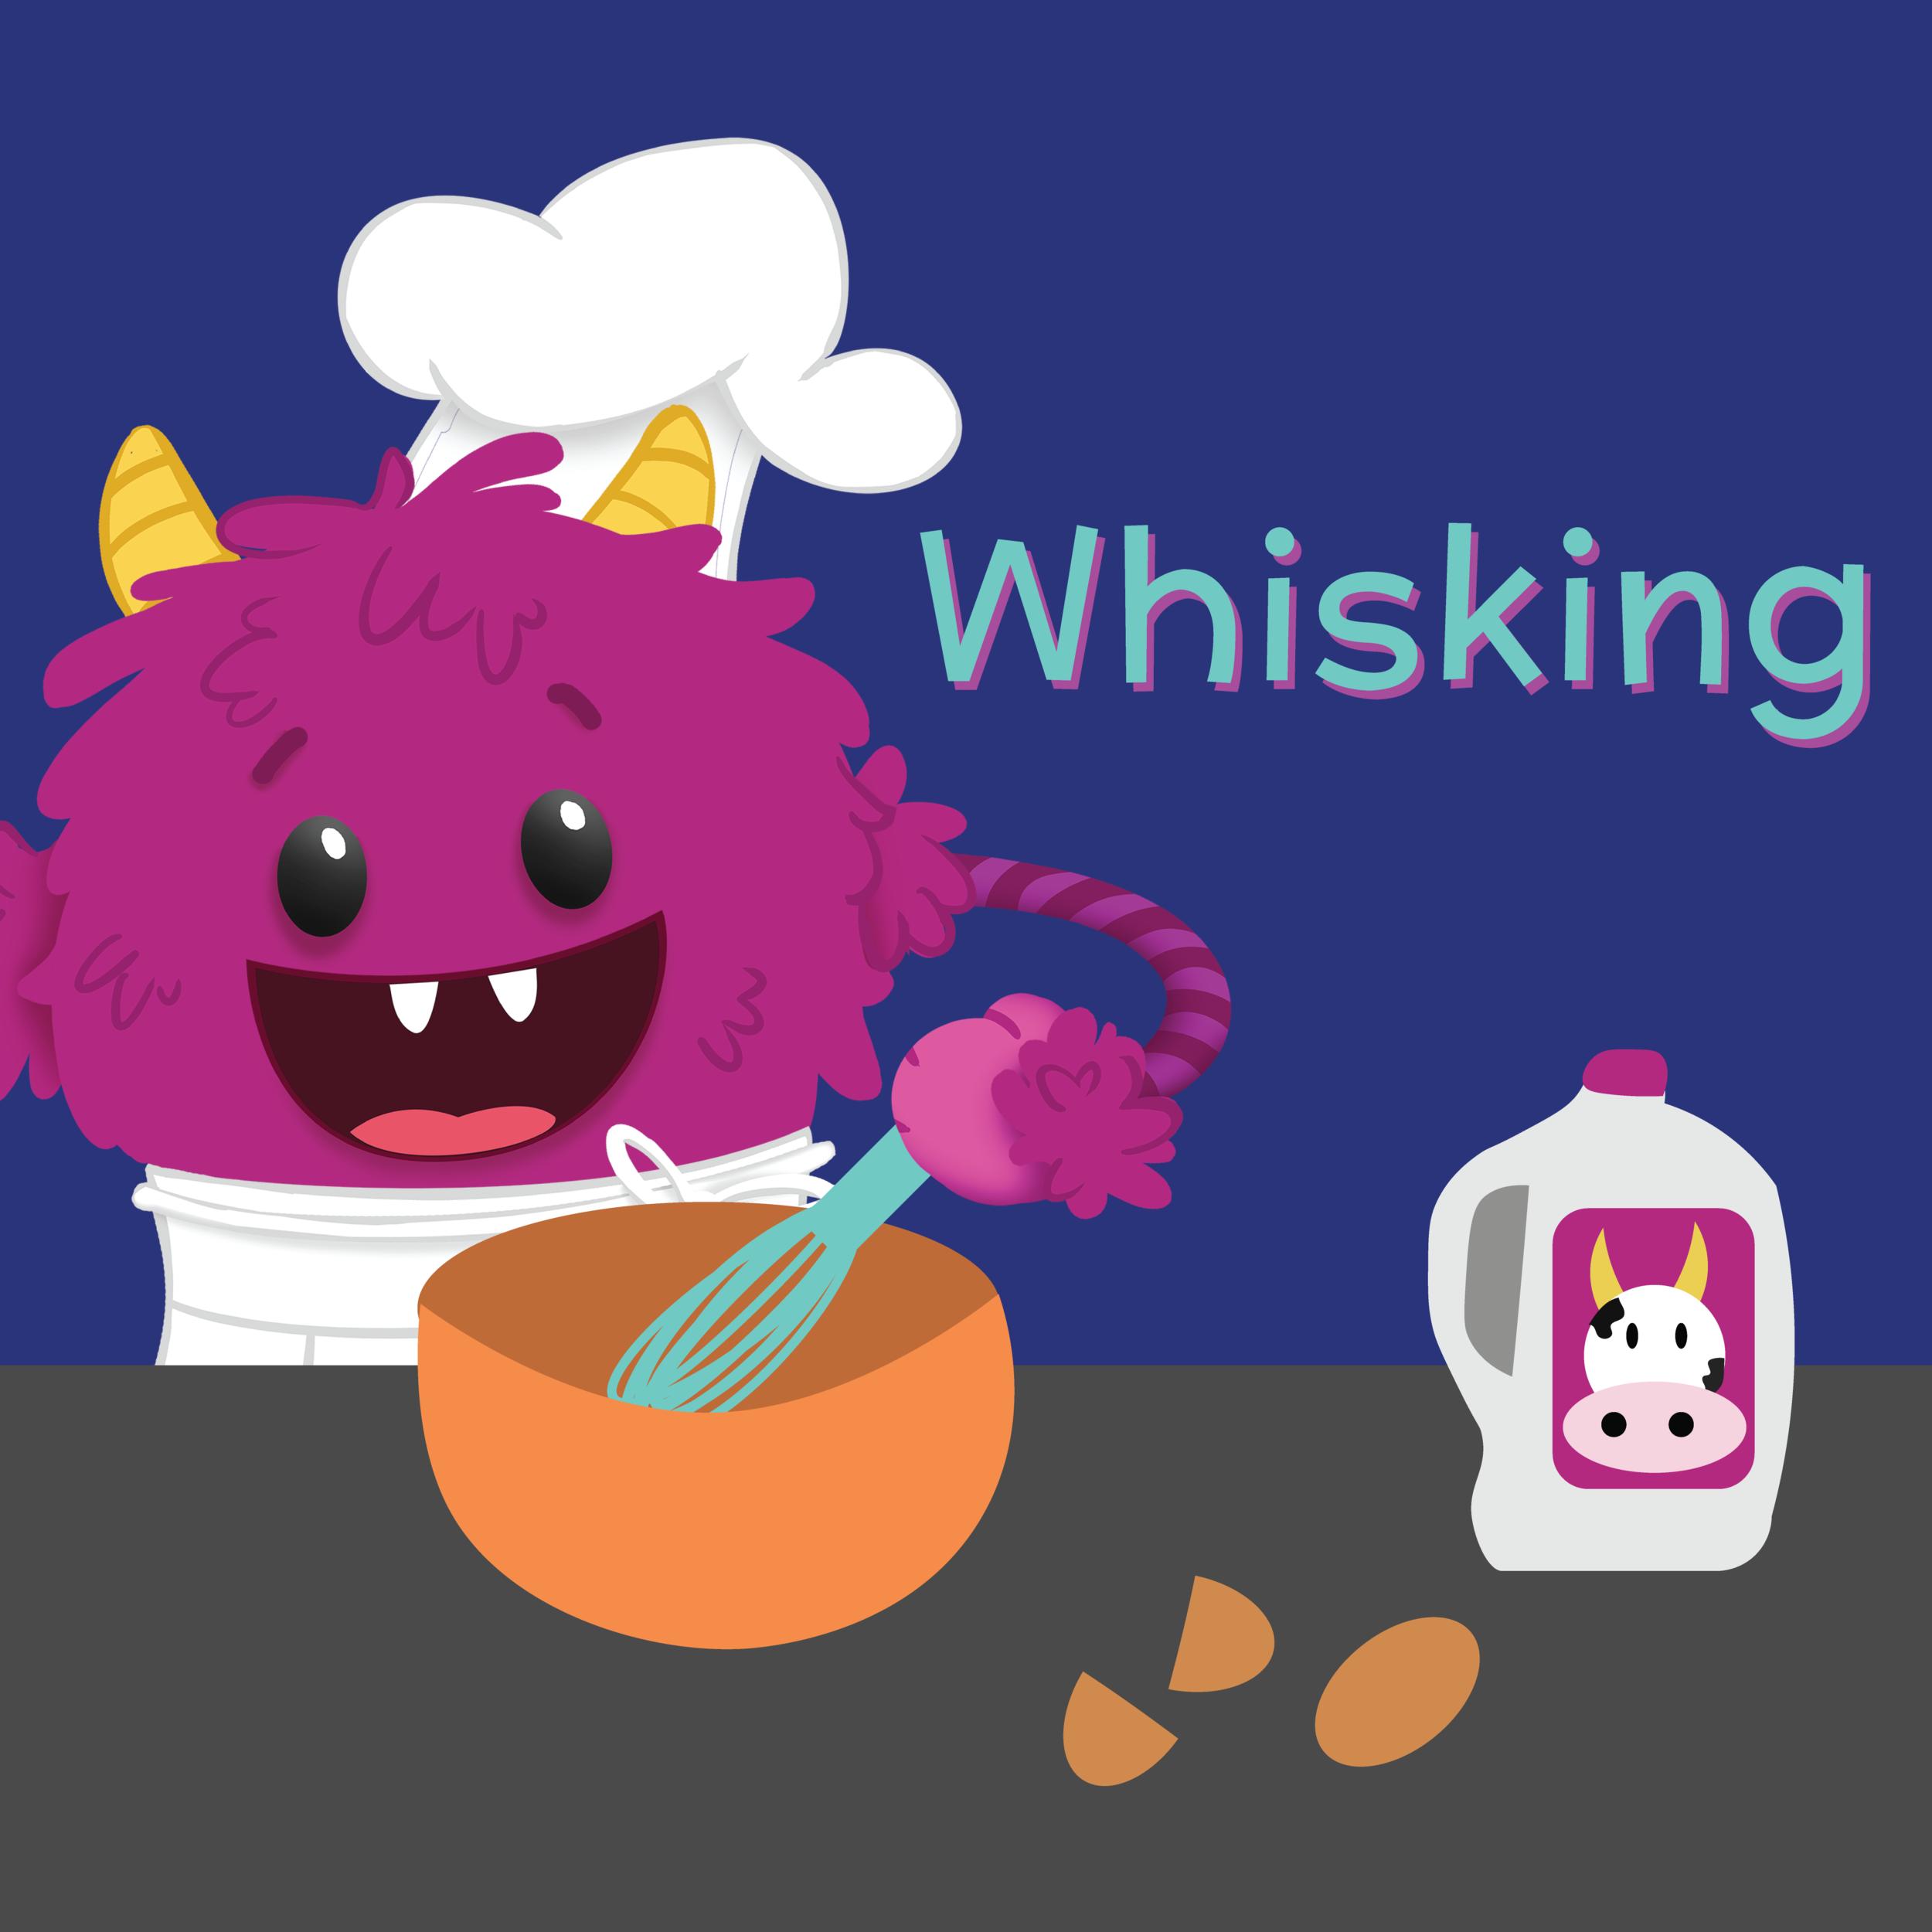 whisking-01.png